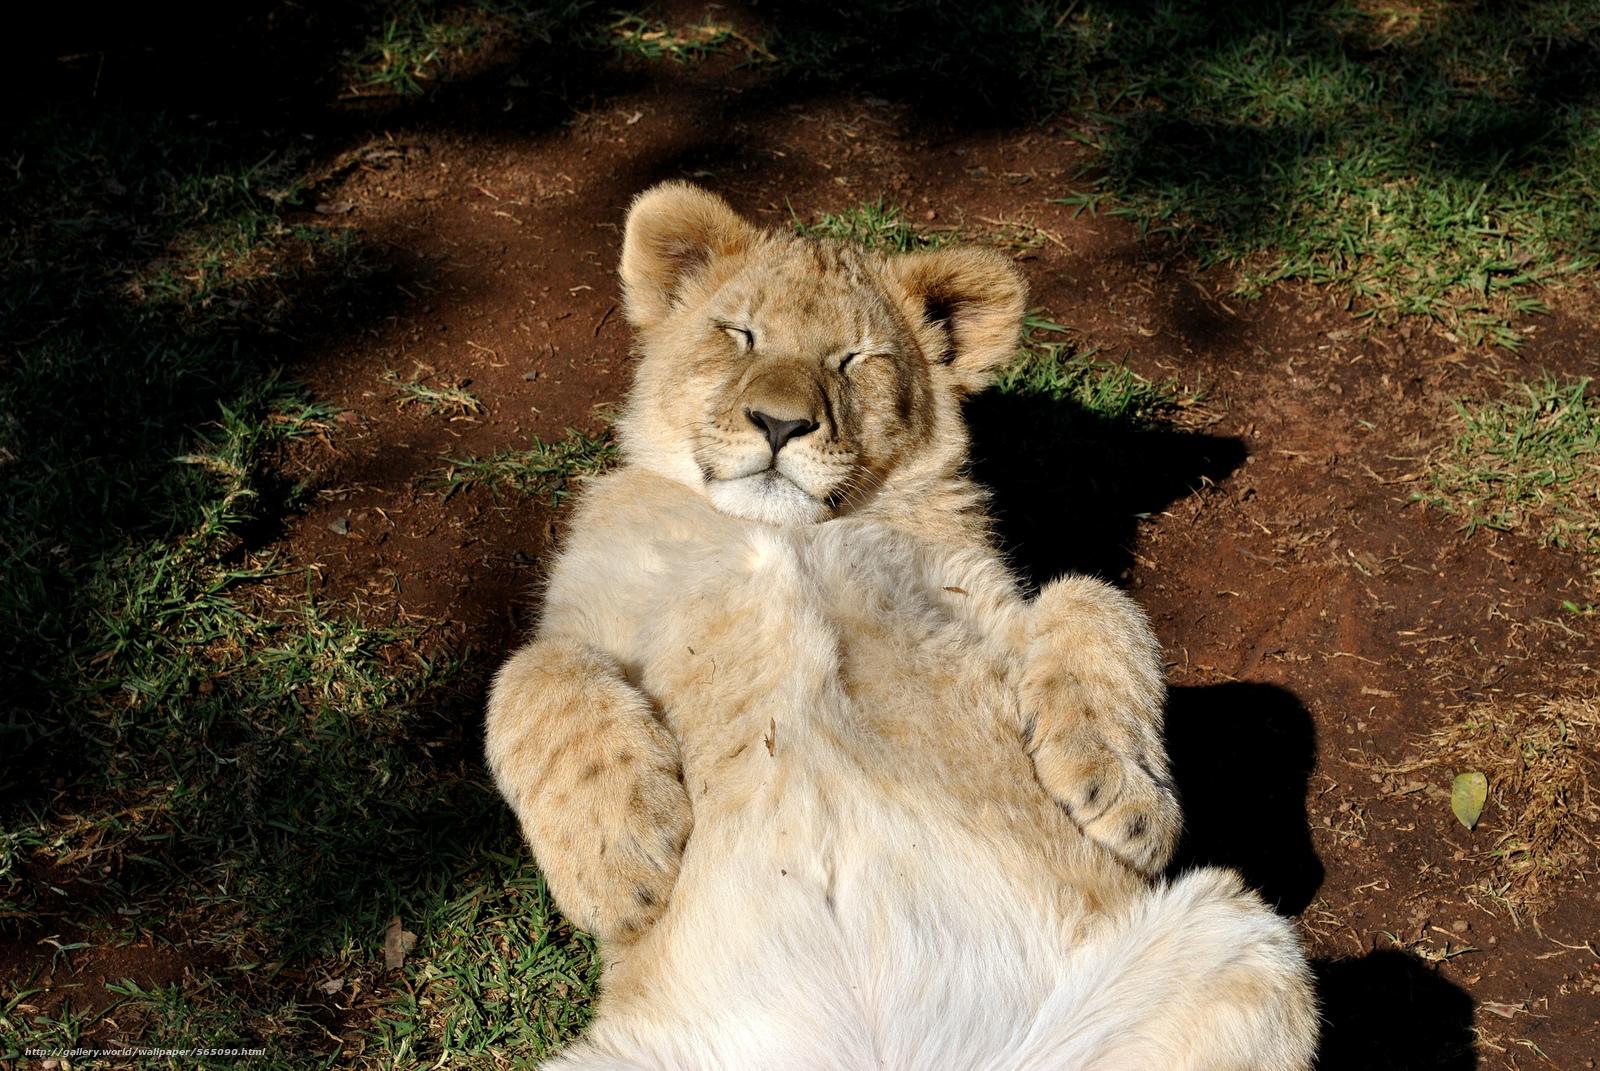 Wallpaper download lion - Tlcharger Fond D Ecran Cat R 233 Cr 233 Ation Lionet Lion Fonds